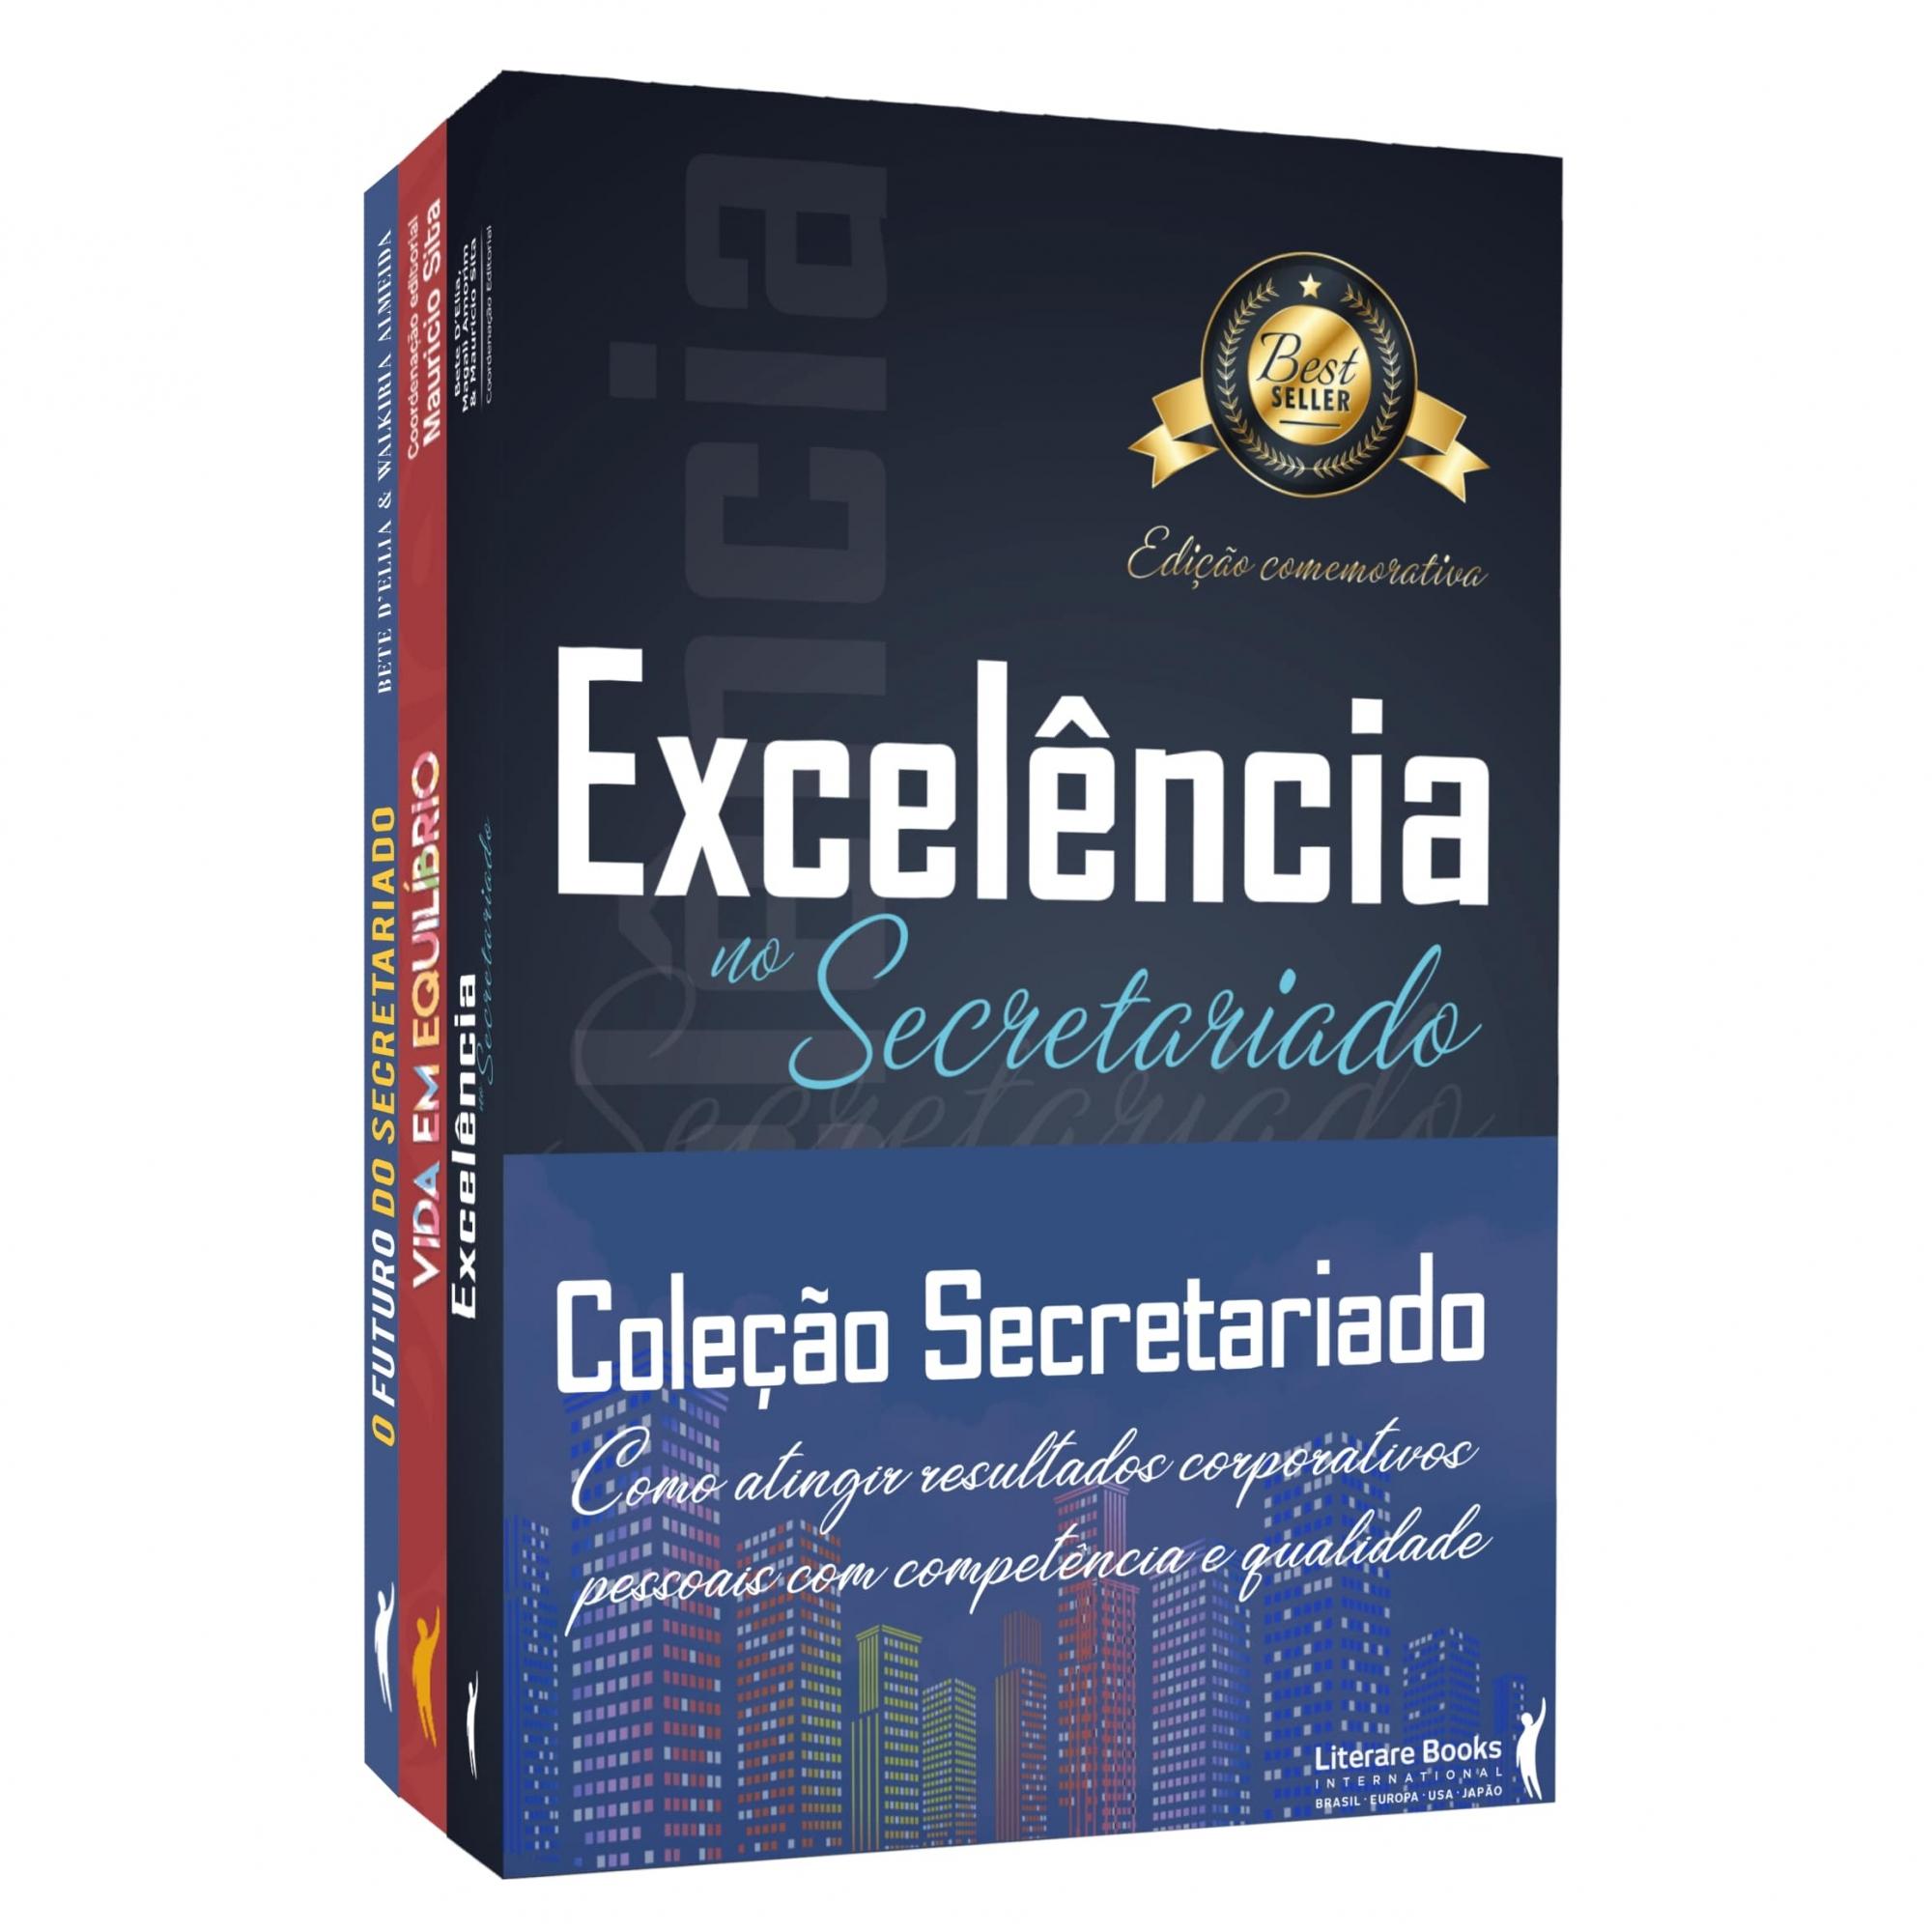 Coleção Secretariado: Como atingir resultados corporativos e pessoais com competência e qualidade